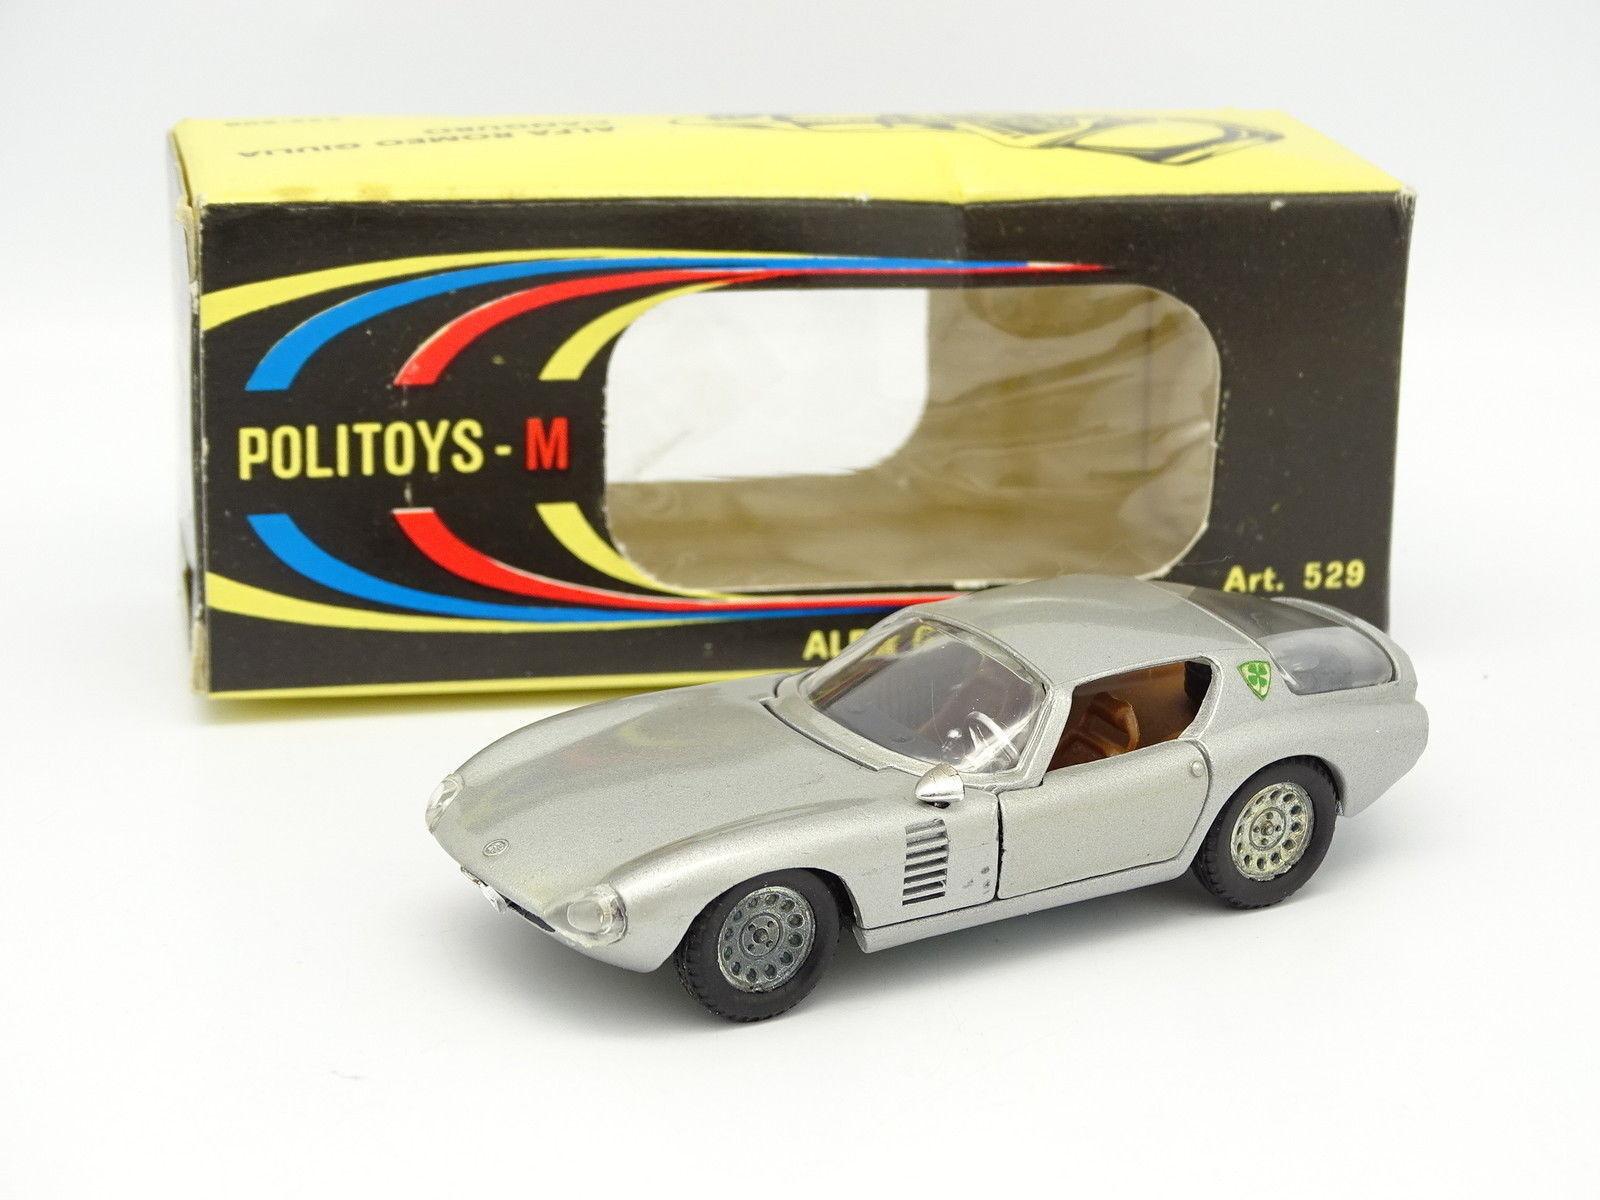 Politoys Licenza Solido 1 43 - Alfa Romeo Giulia Canguro Grigia 529